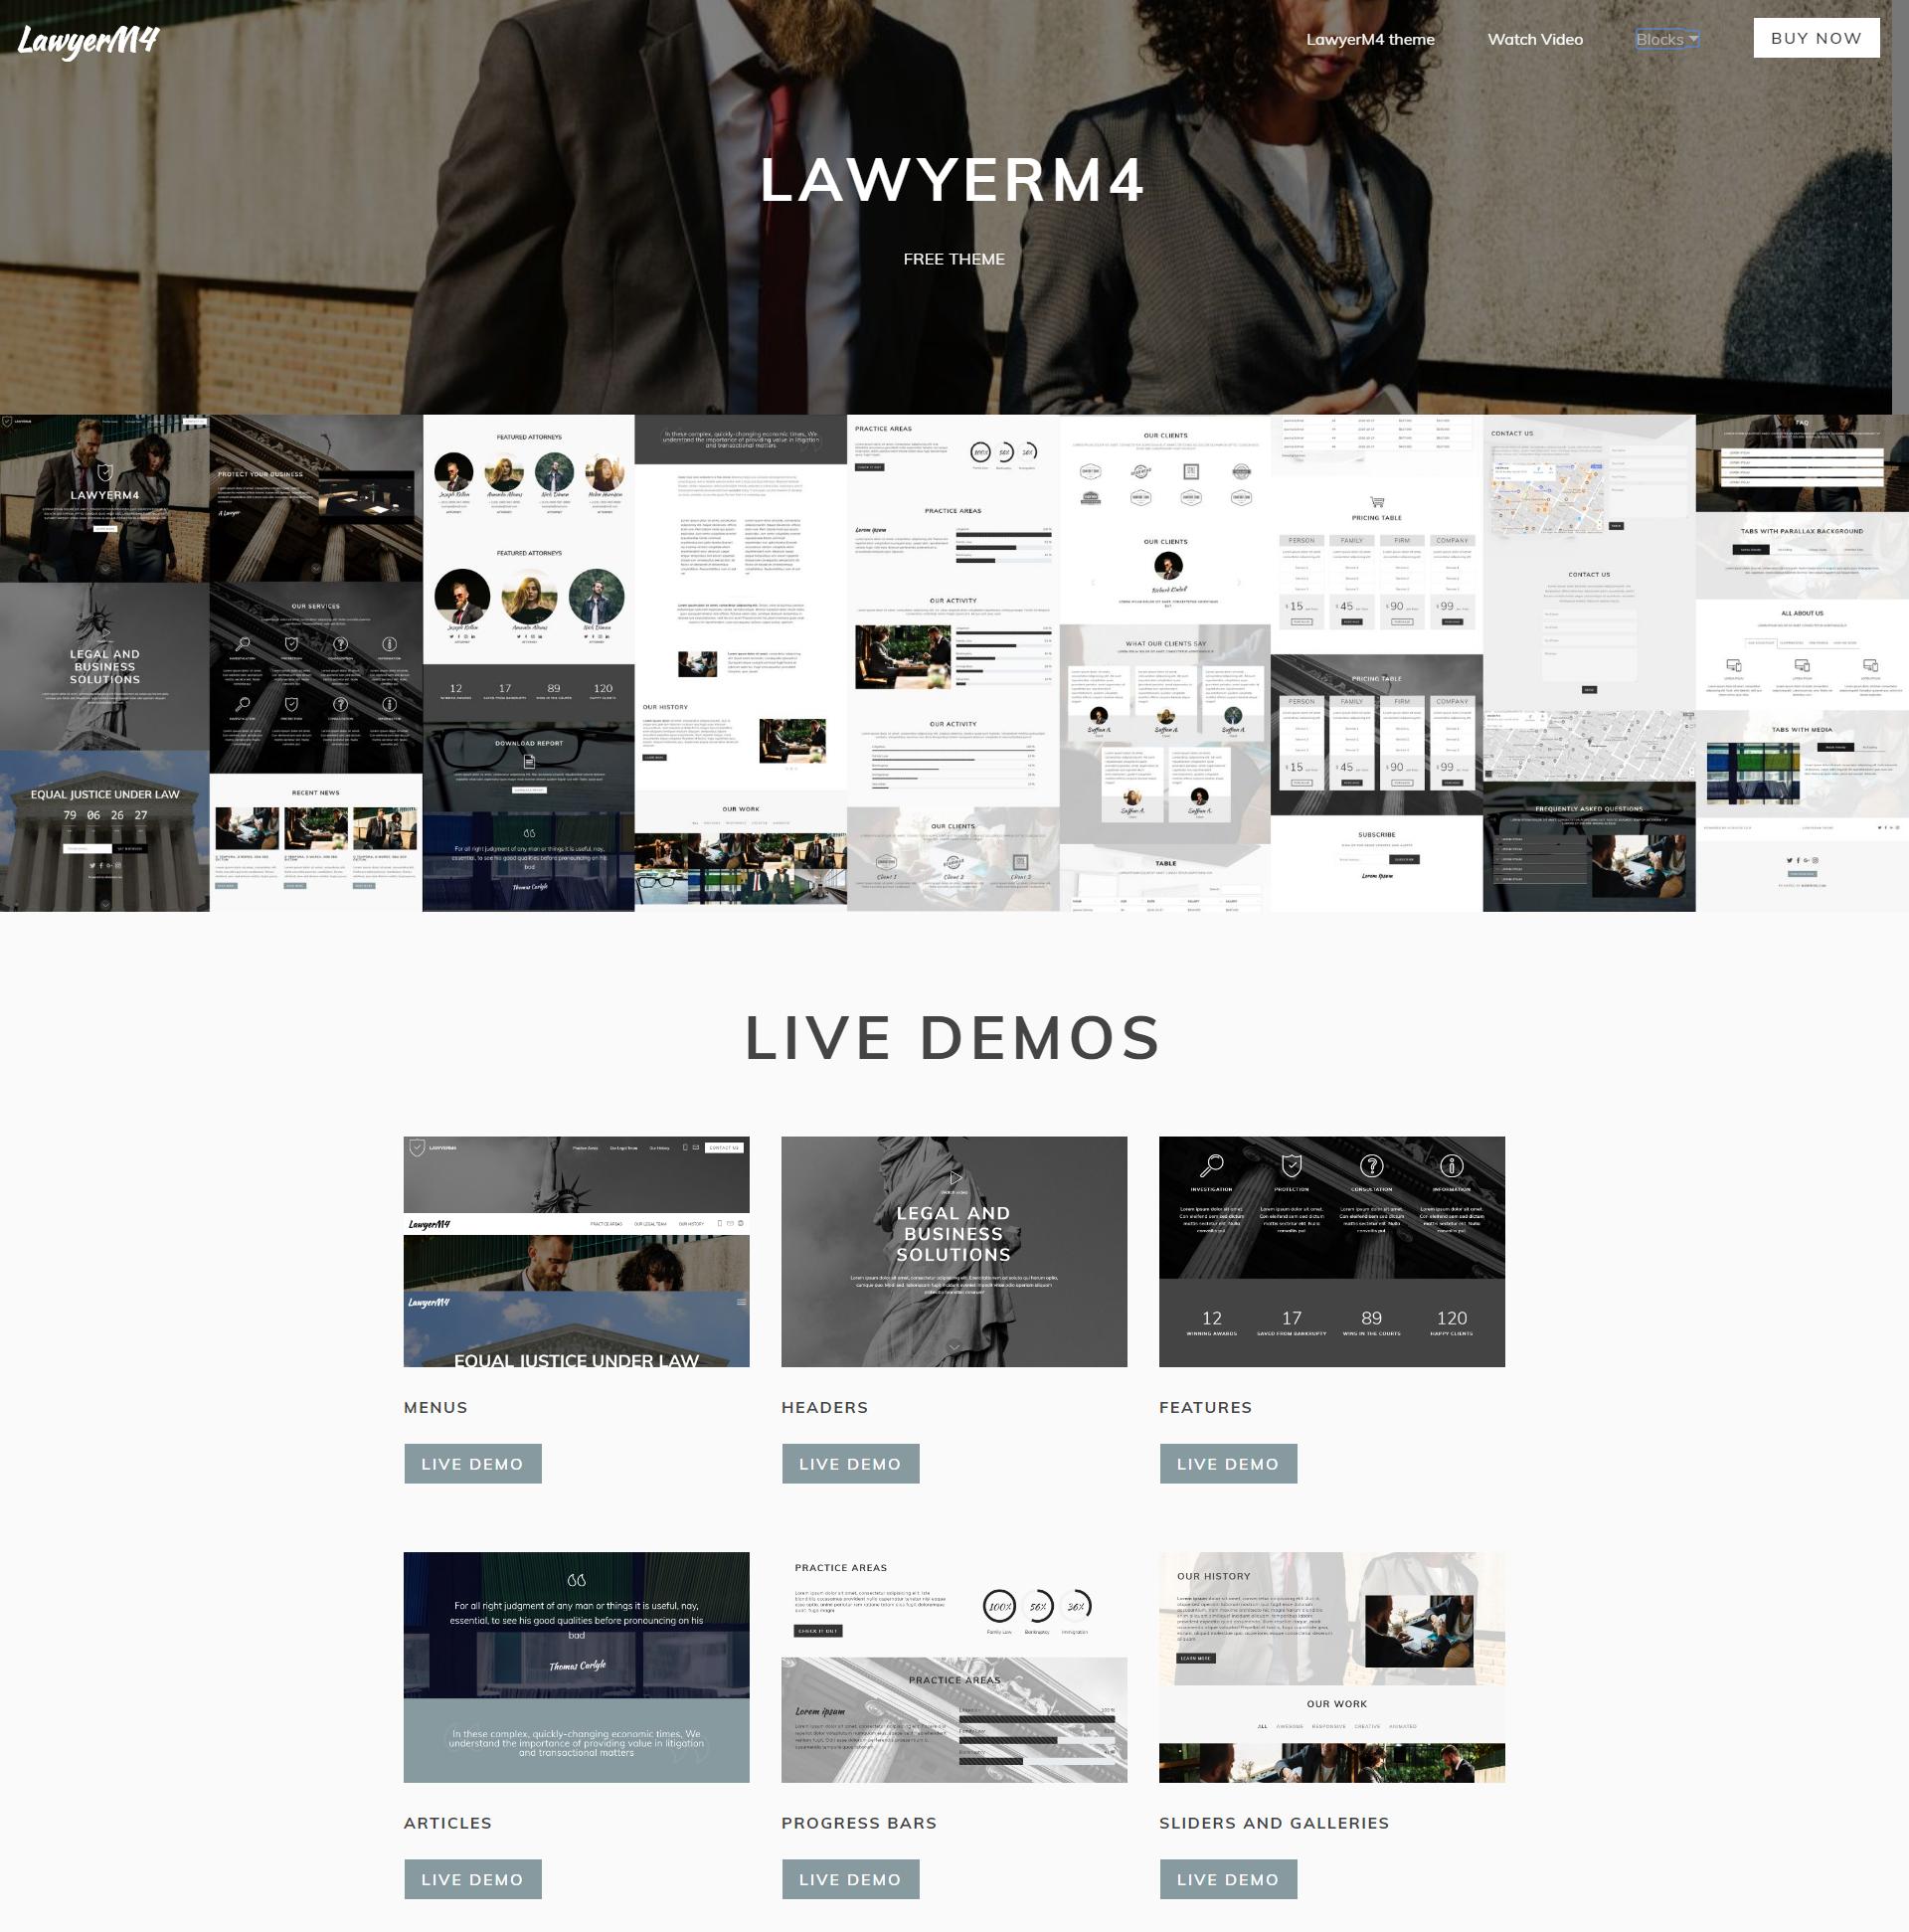 LawyerM4 Free Bootstrap Theme